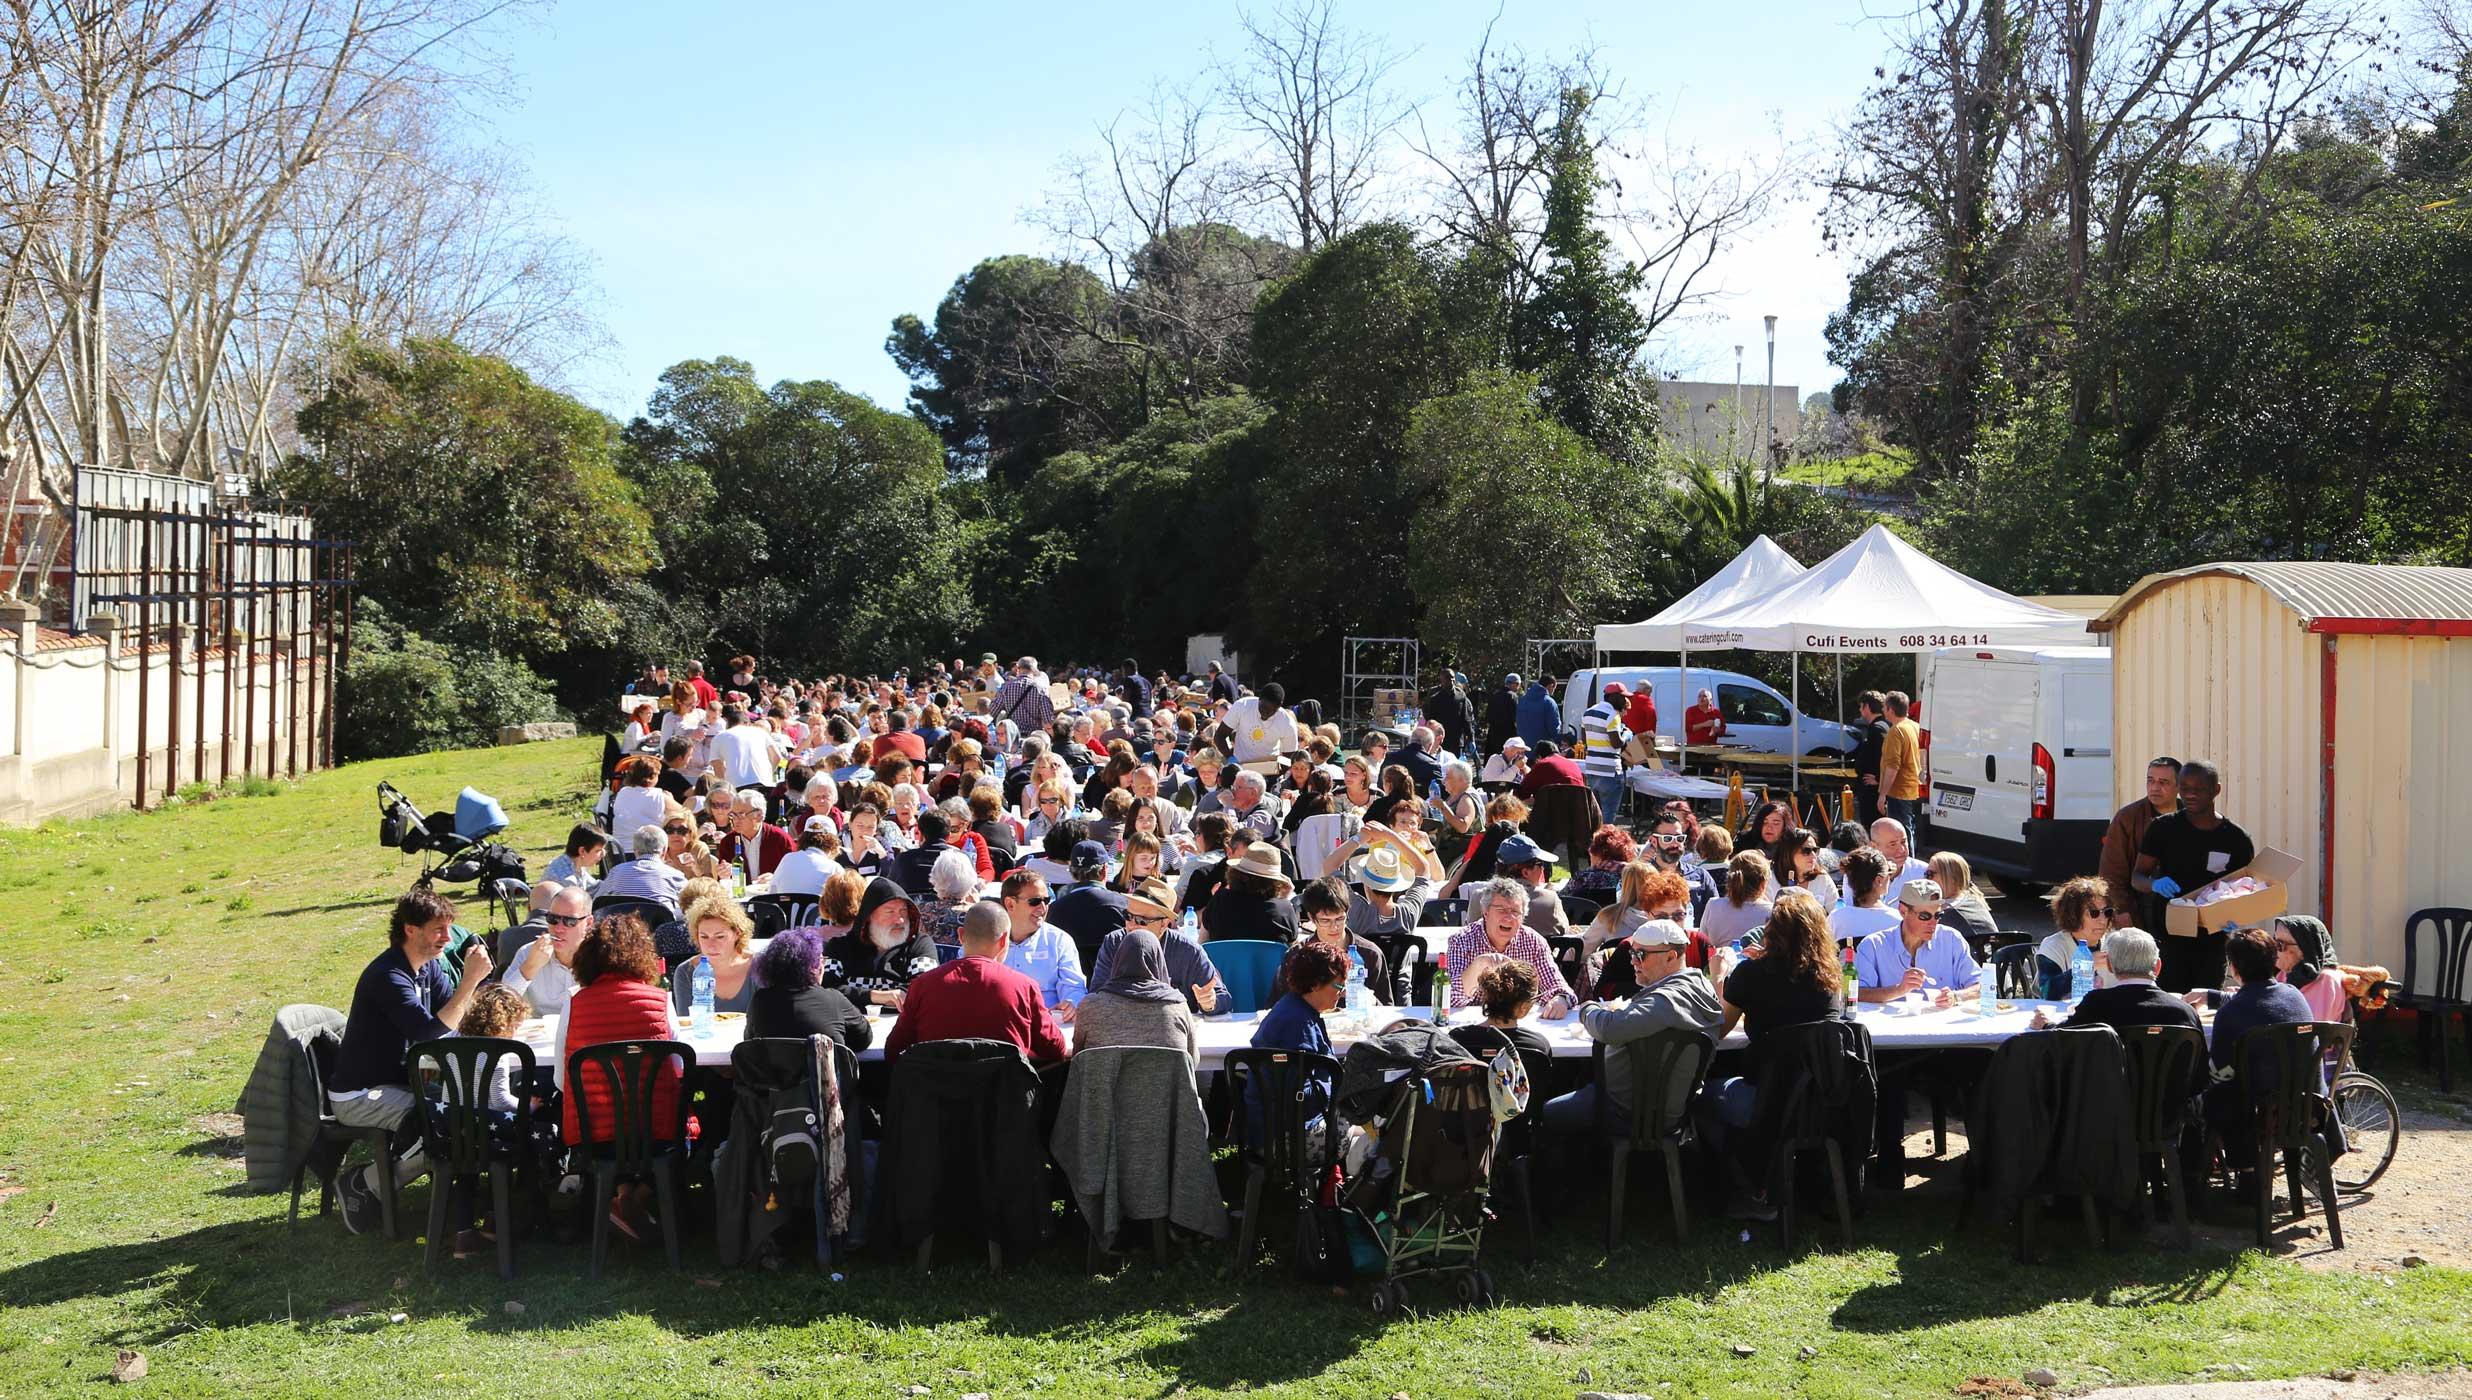 Més de 400 persones celebren el nostre 15è aniversari - Atenció Primària Vallcarca - Sant Gervasi